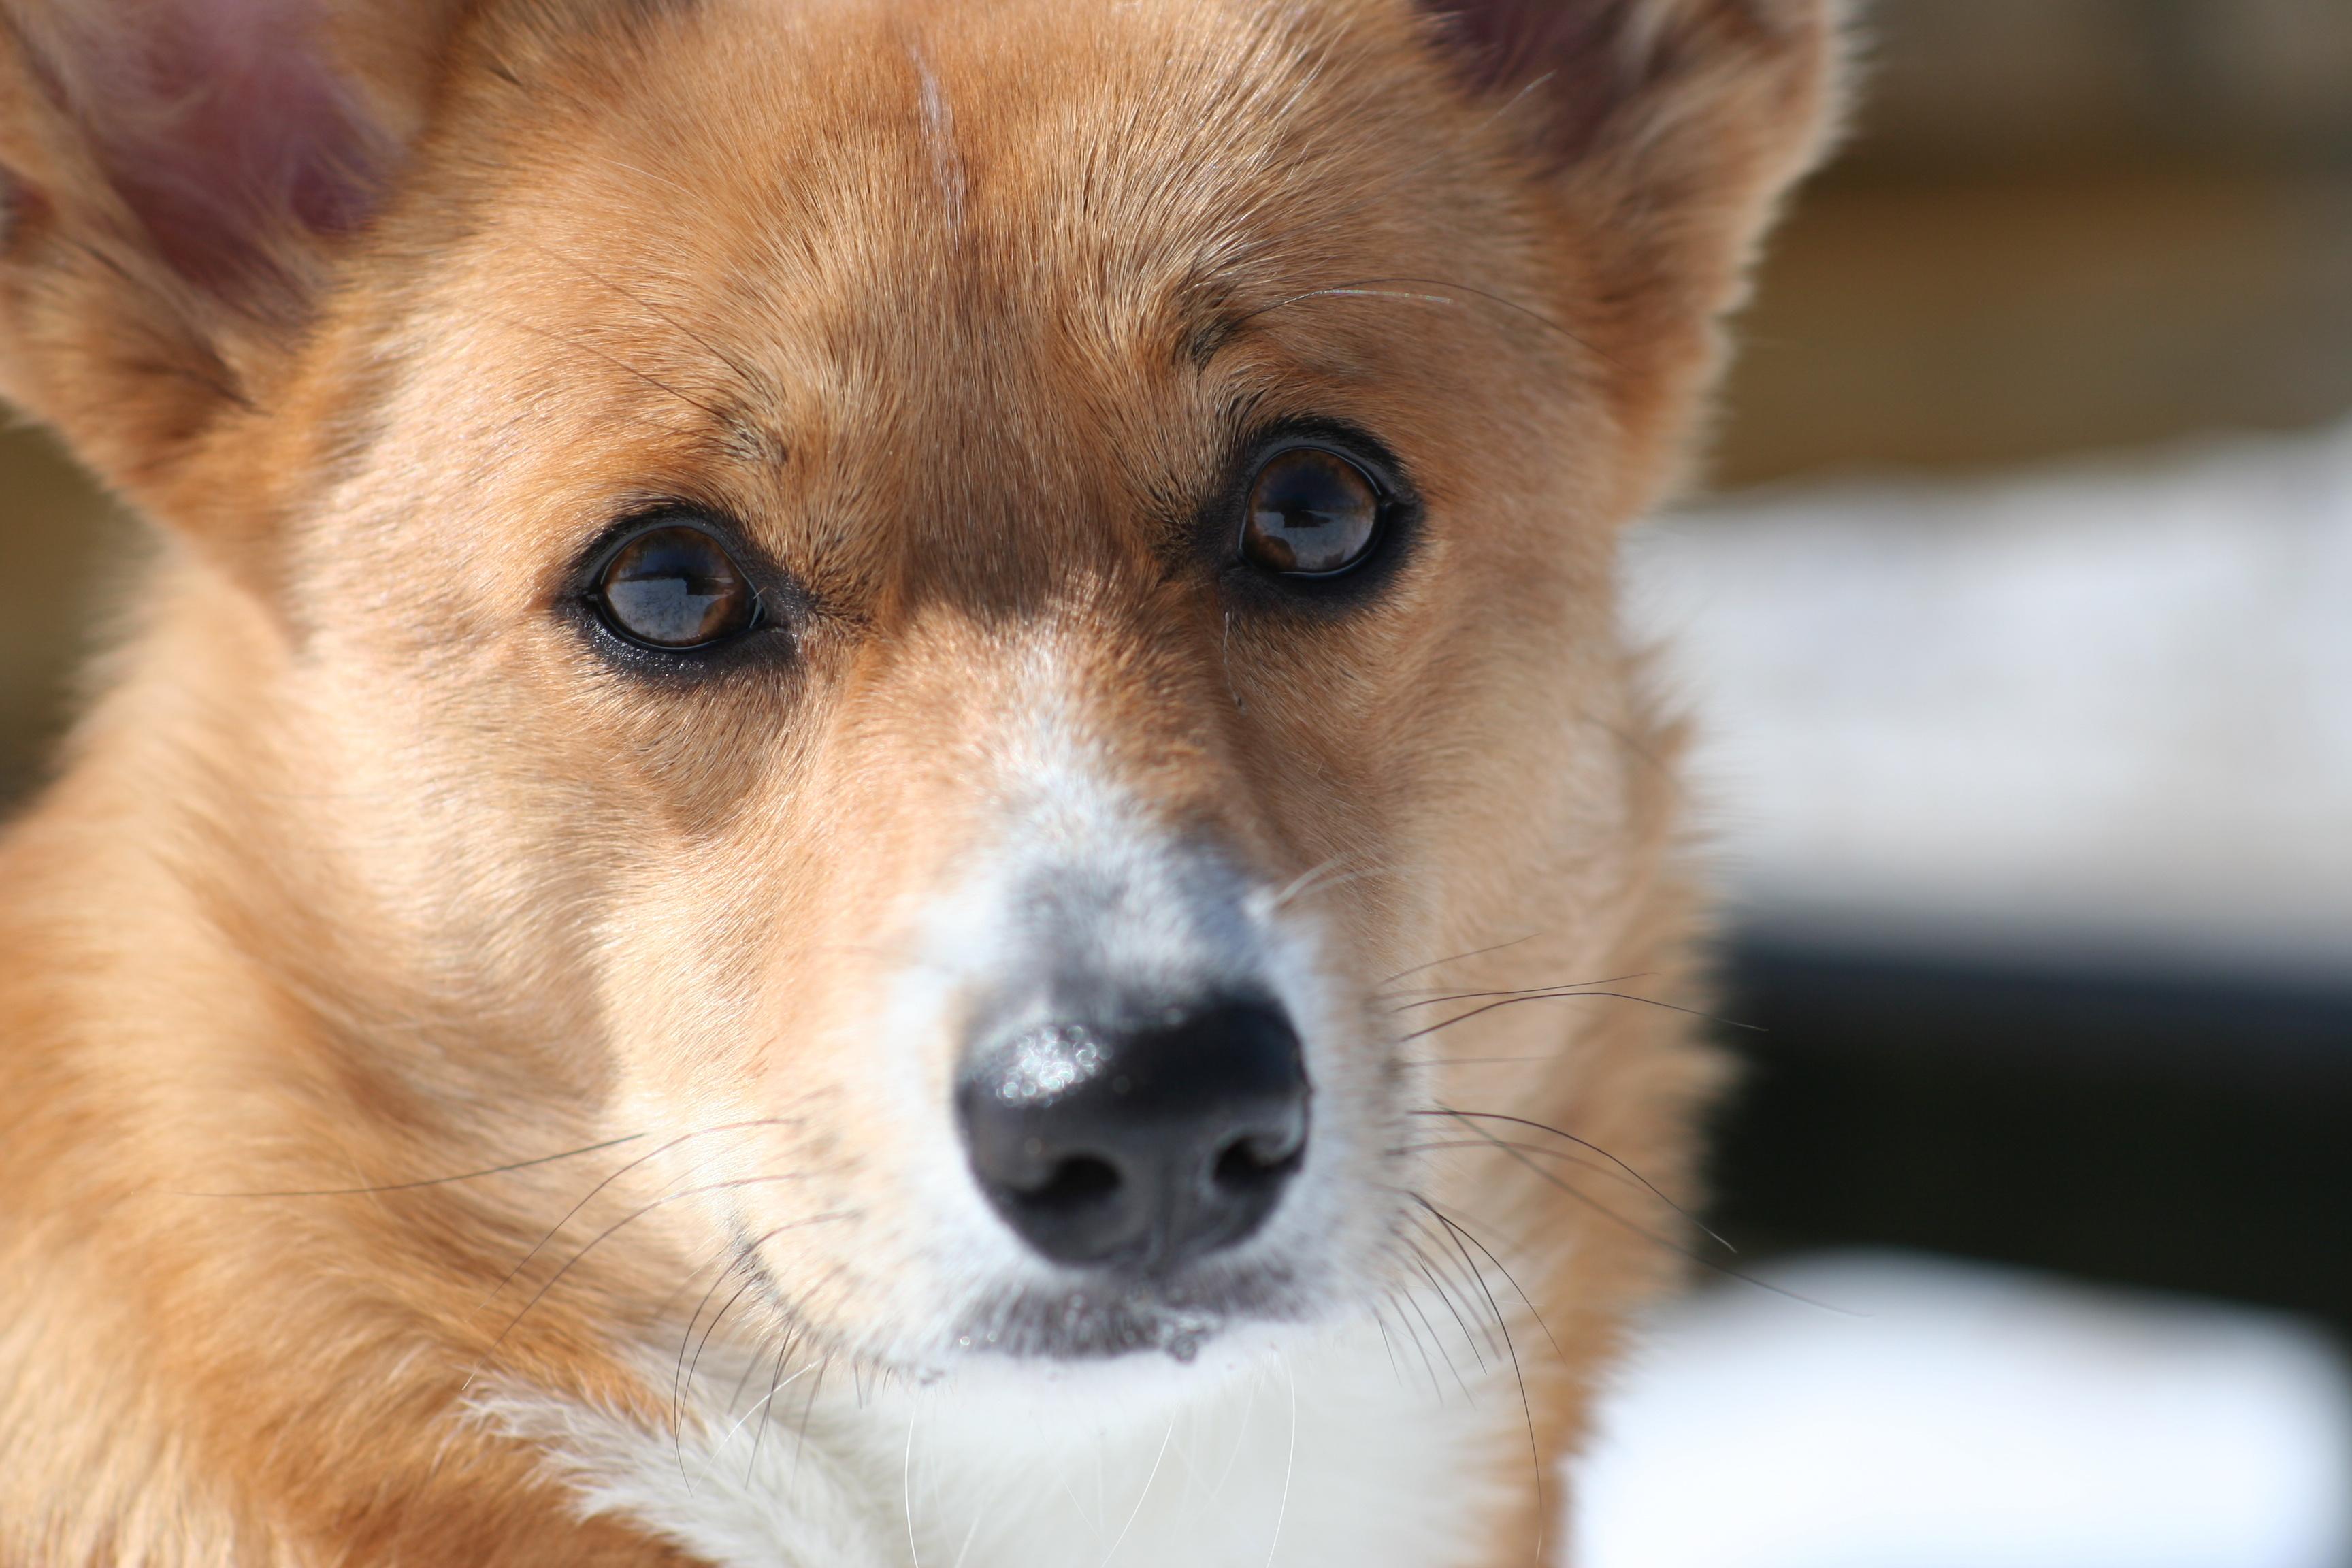 【愛犬のきもちを知ろう】愛犬がずっと見つめてくるのはなぜ?